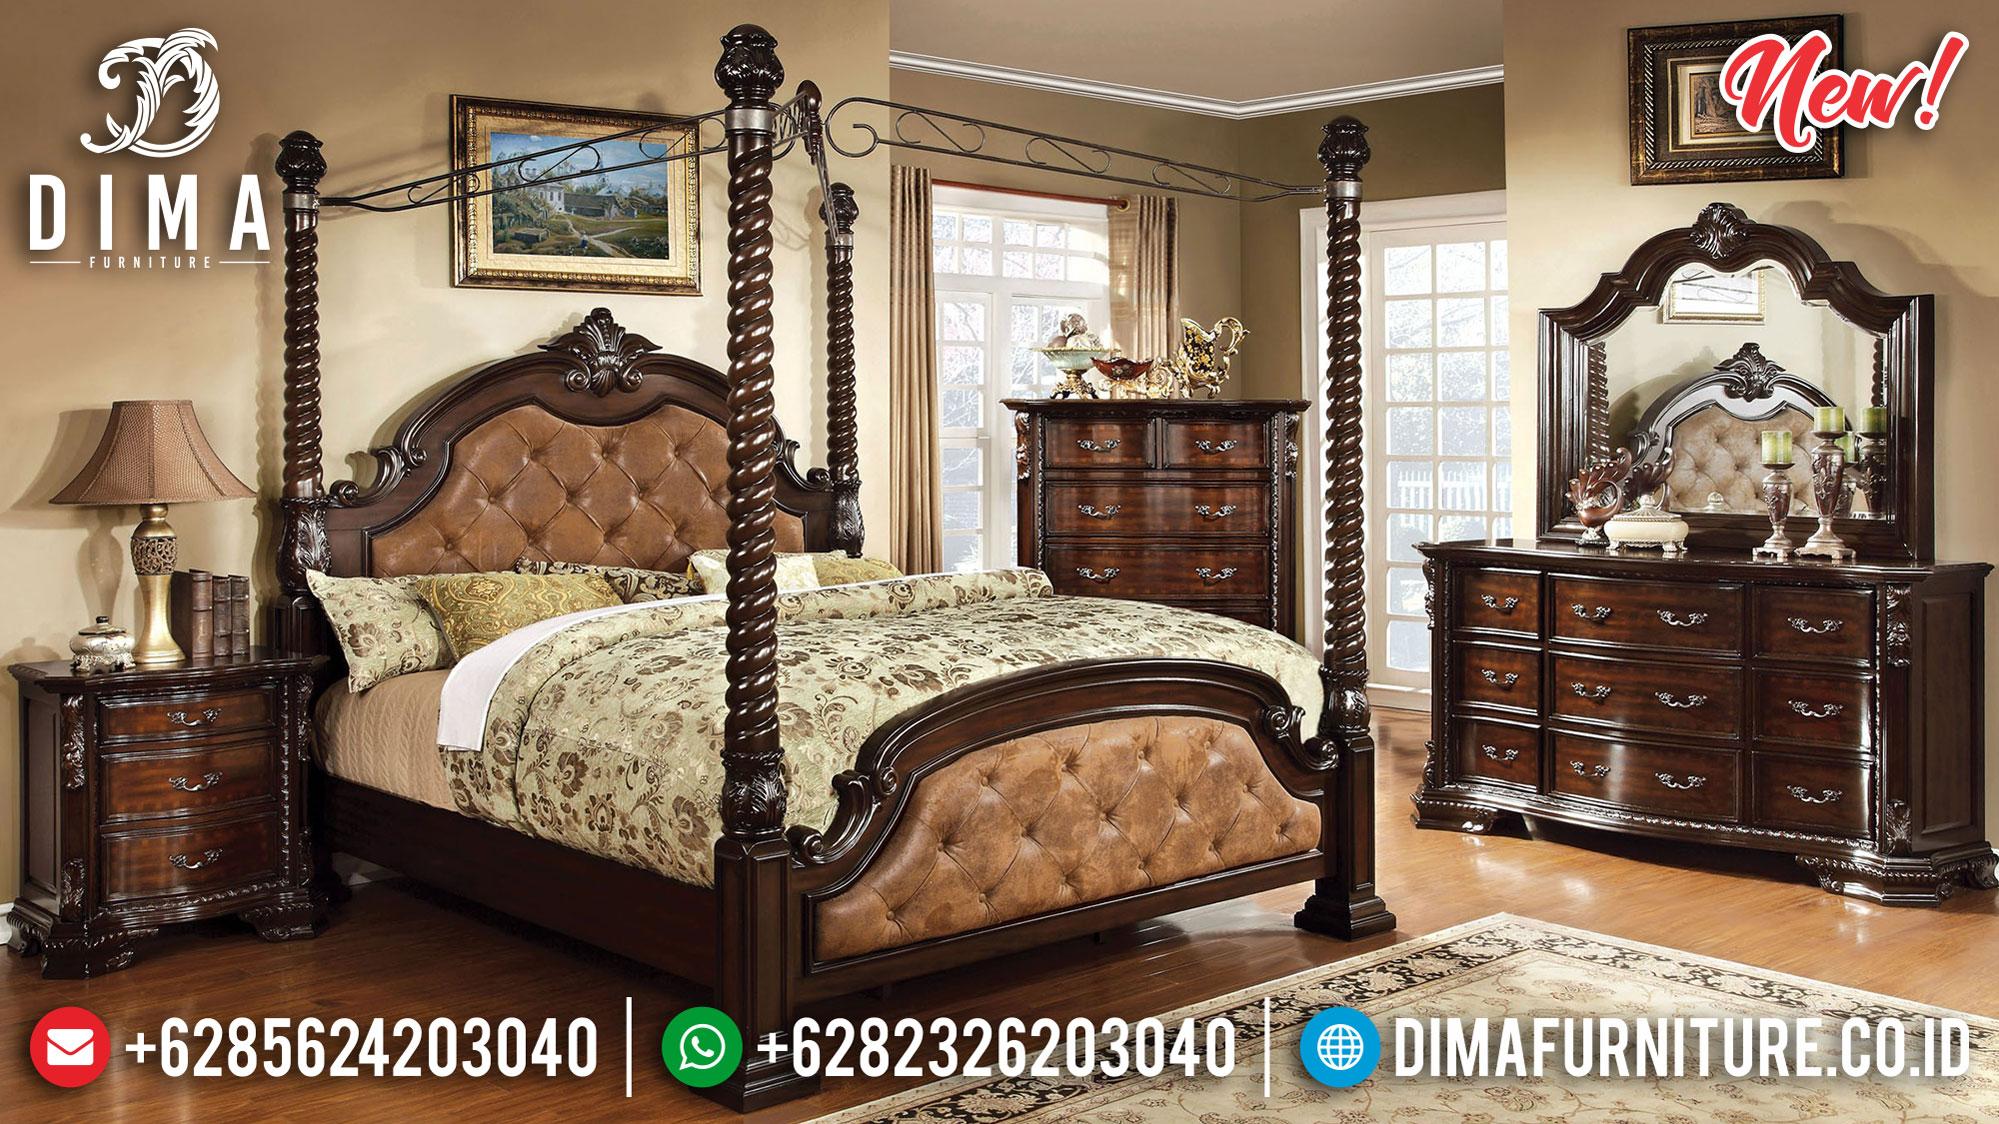 Jual Set Tempat Tidur Jepara Kanopi Prestigiousness Natural Mewah TTJ-0980